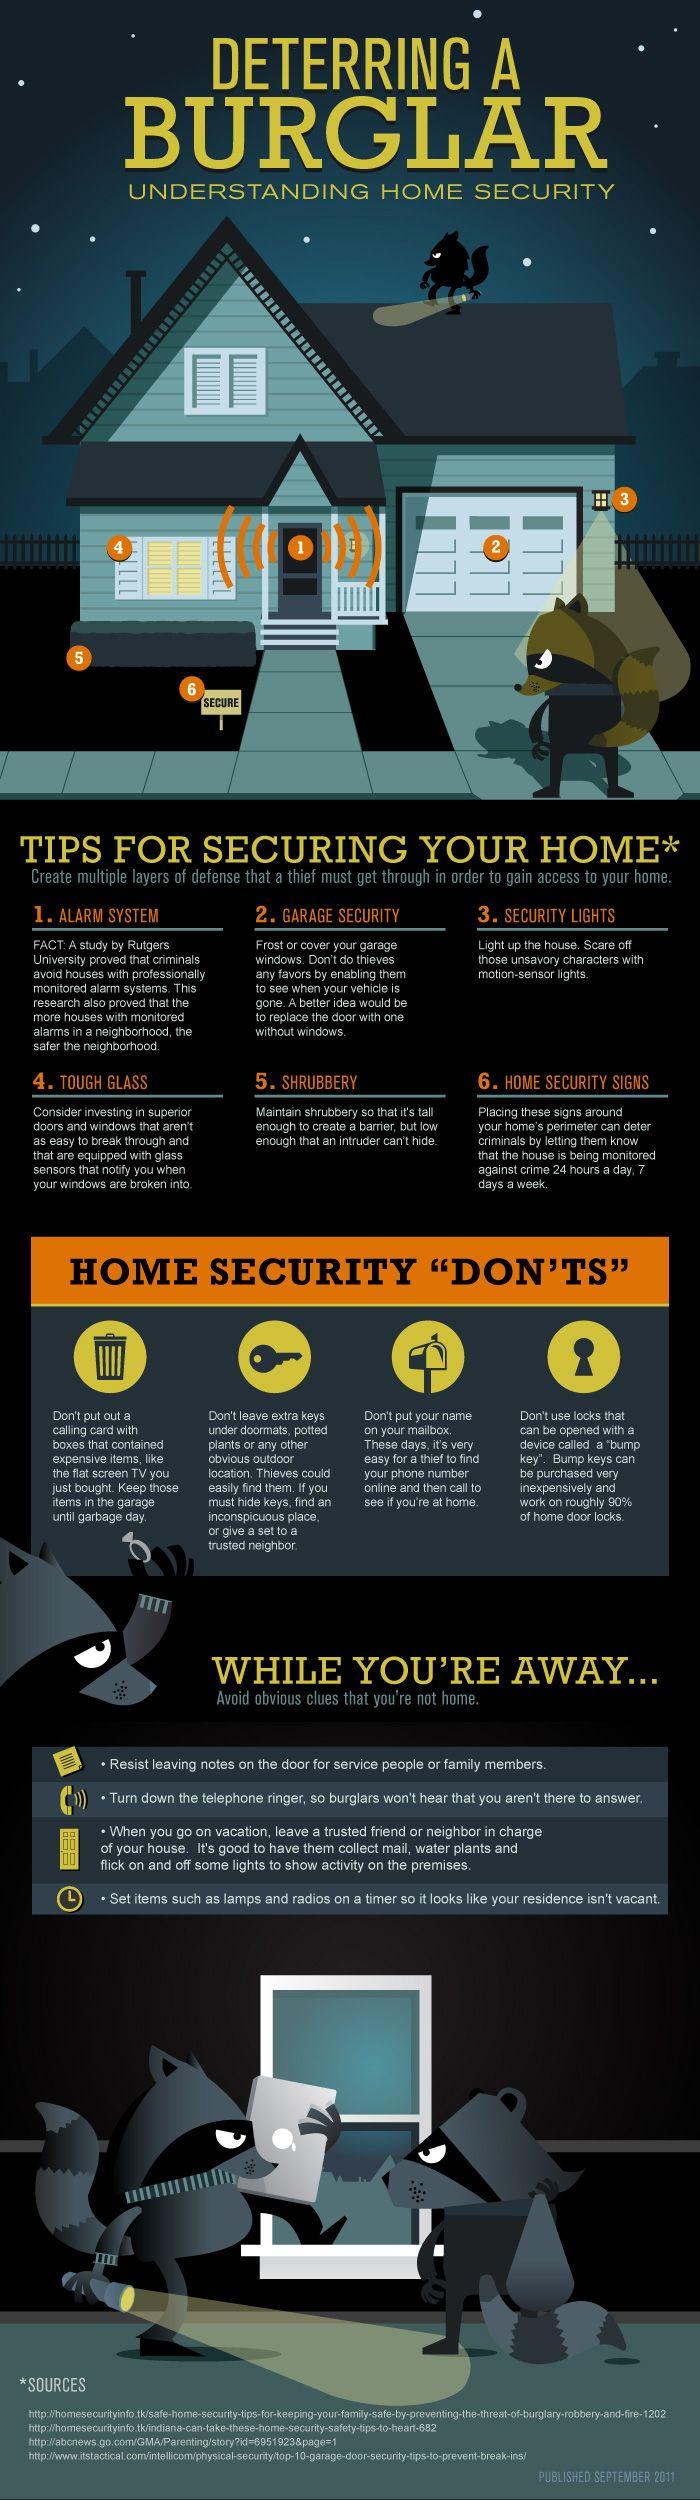 Deterring A Burglar Understanding Home Security Infographic Home Security Tips Security Tips Home Safety